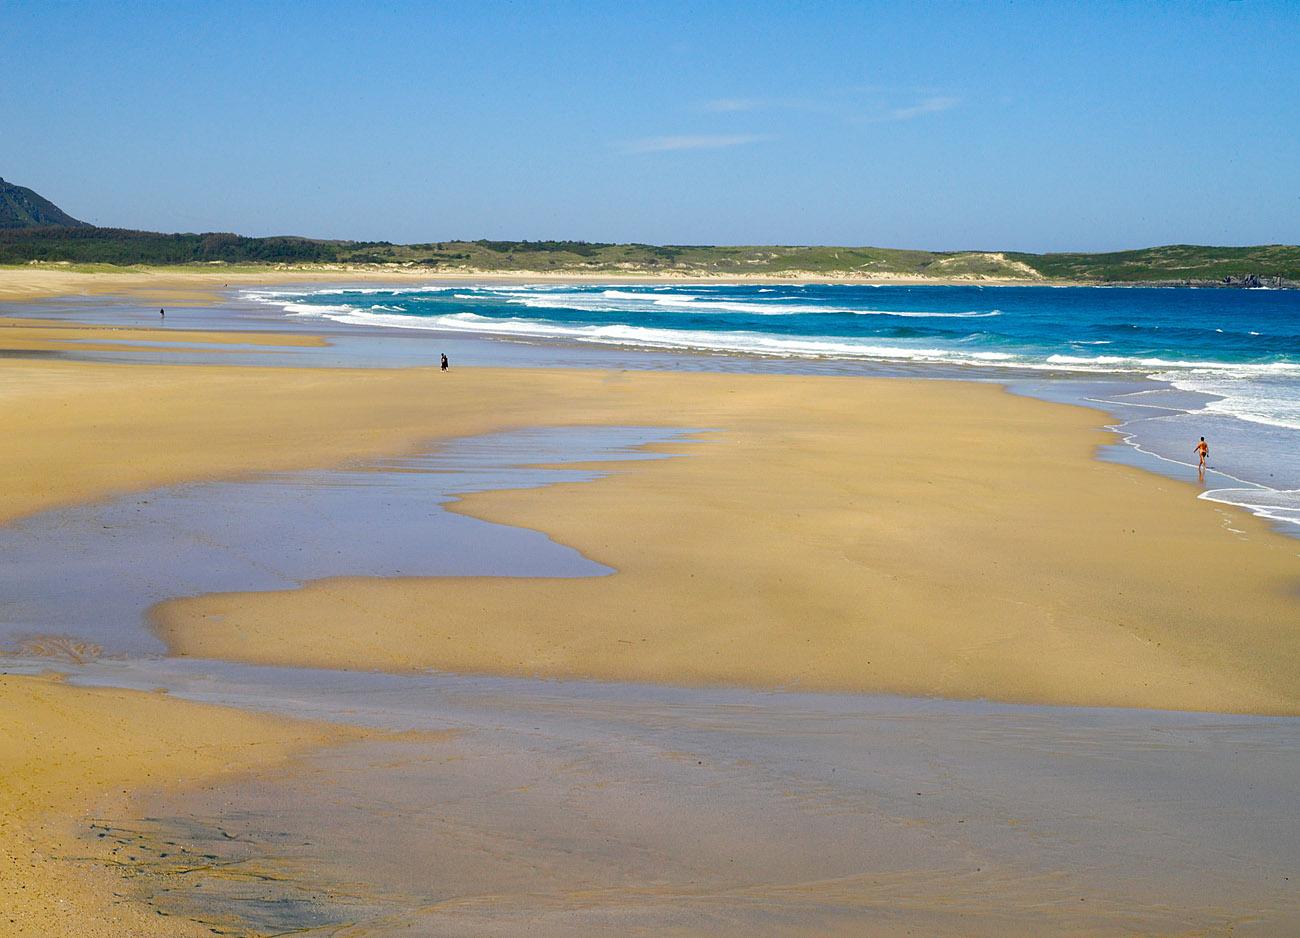 12-Praia da Frouxeira-Valdoviño 02 web. Playa A Frouxeira, Valdoviño (A Coruña)